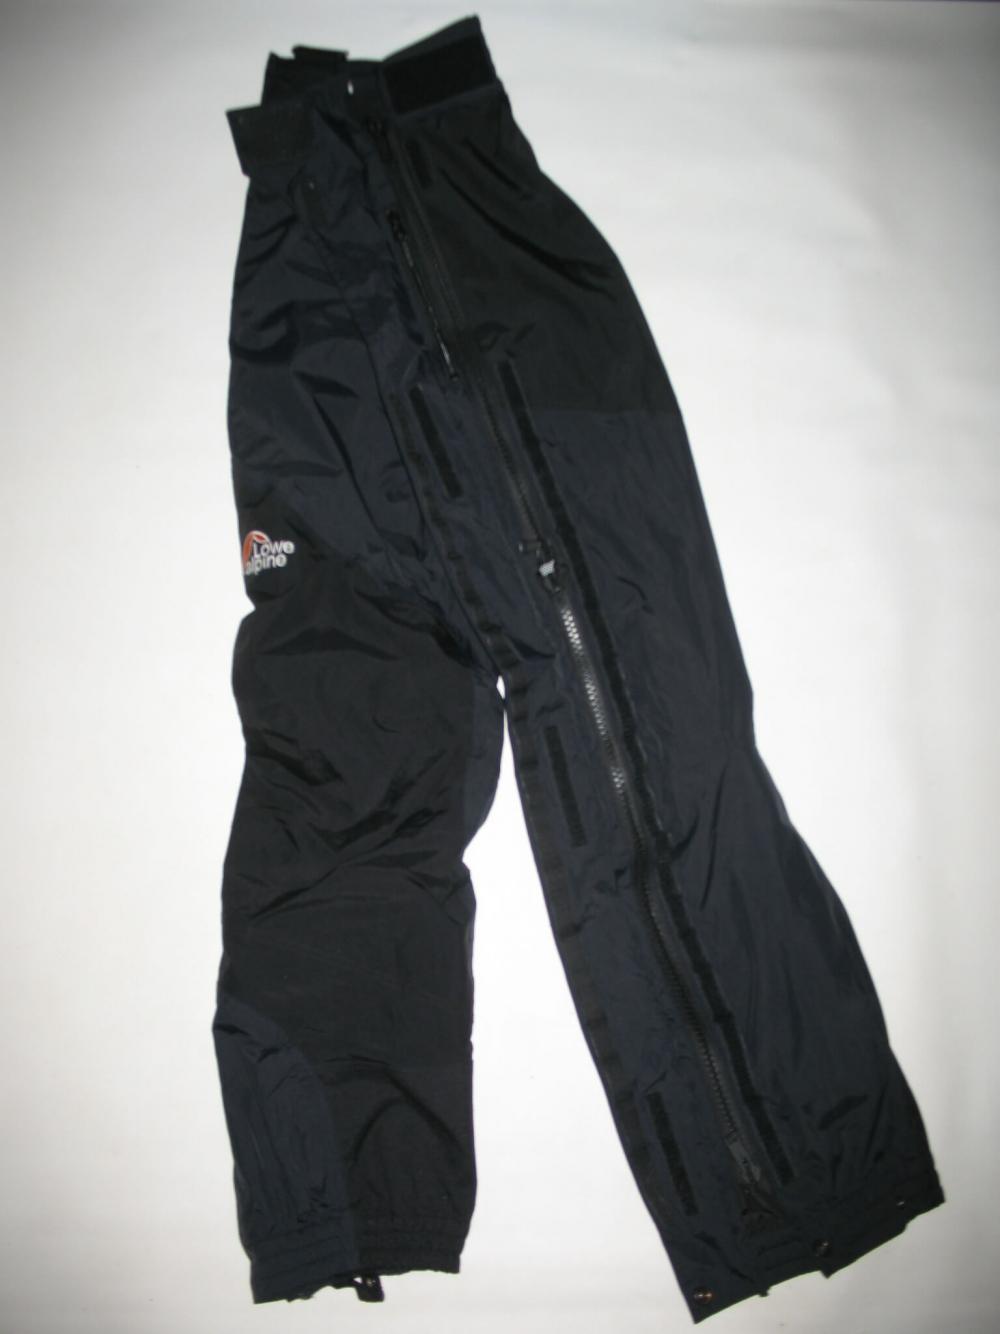 Штаны LOWE ALPINE pants lady/unisex (размер S) - 2